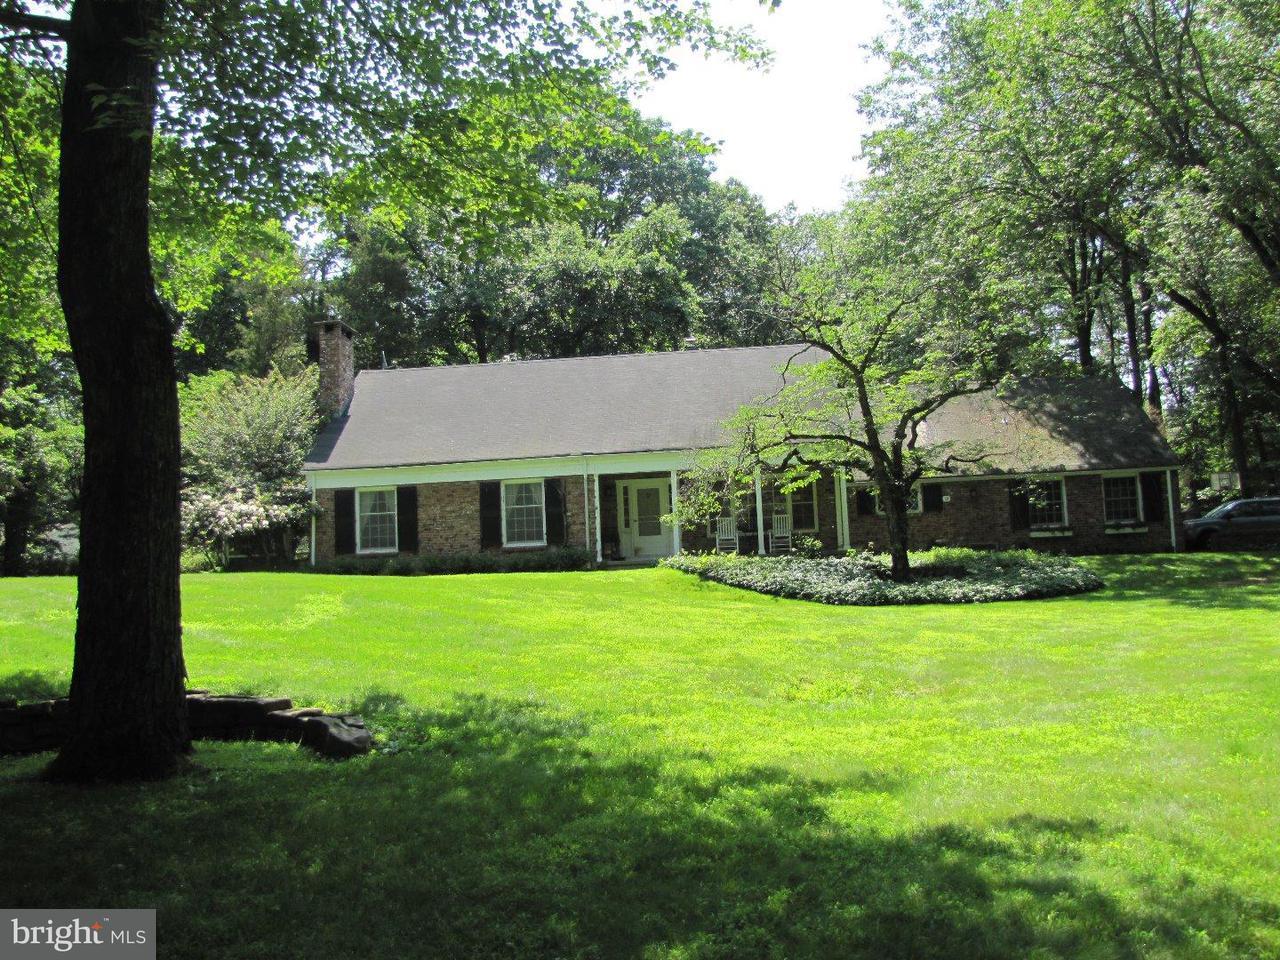 Частный односемейный дом для того Аренда на 20 HONEYBROOK Drive Princeton, Нью-Джерси 08540 Соединенные ШтатыВ/Около: Hopewell Township